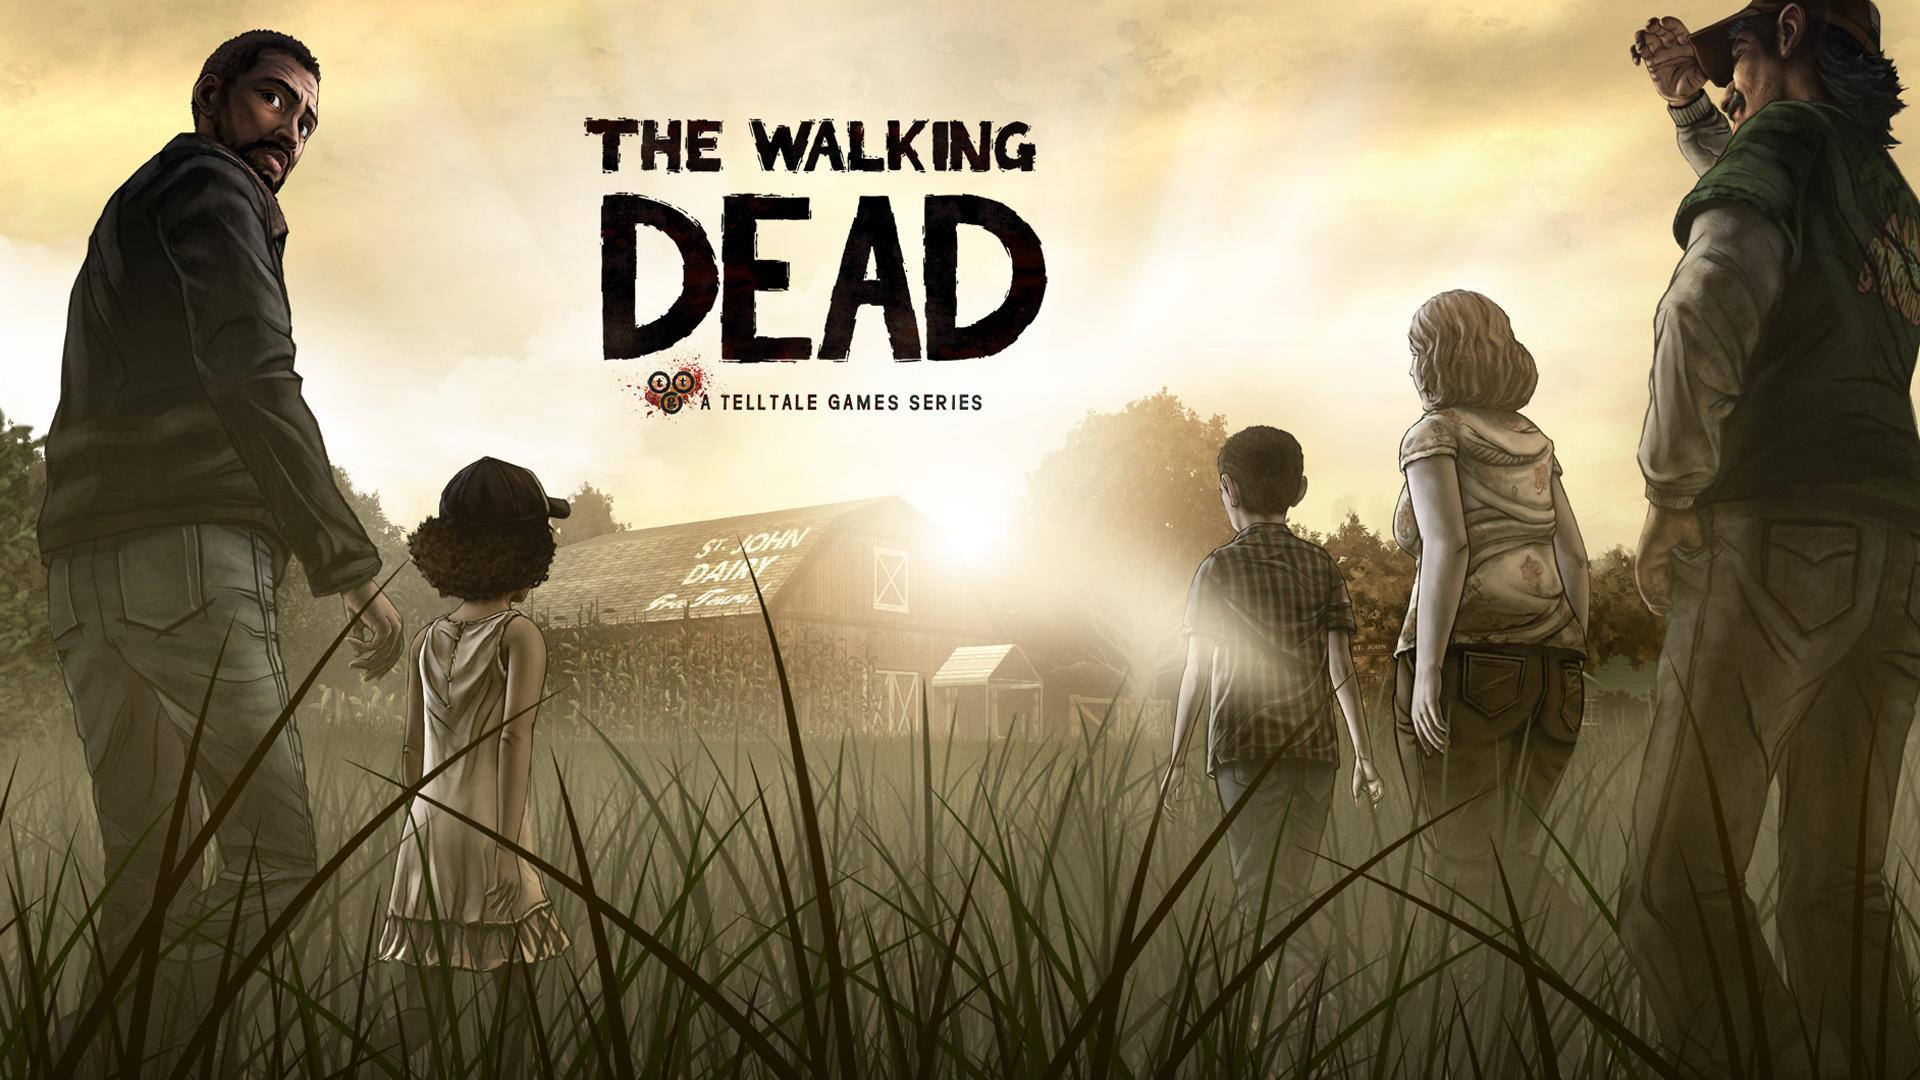 The Walking Dead Season 1 Wallpaper HD Download